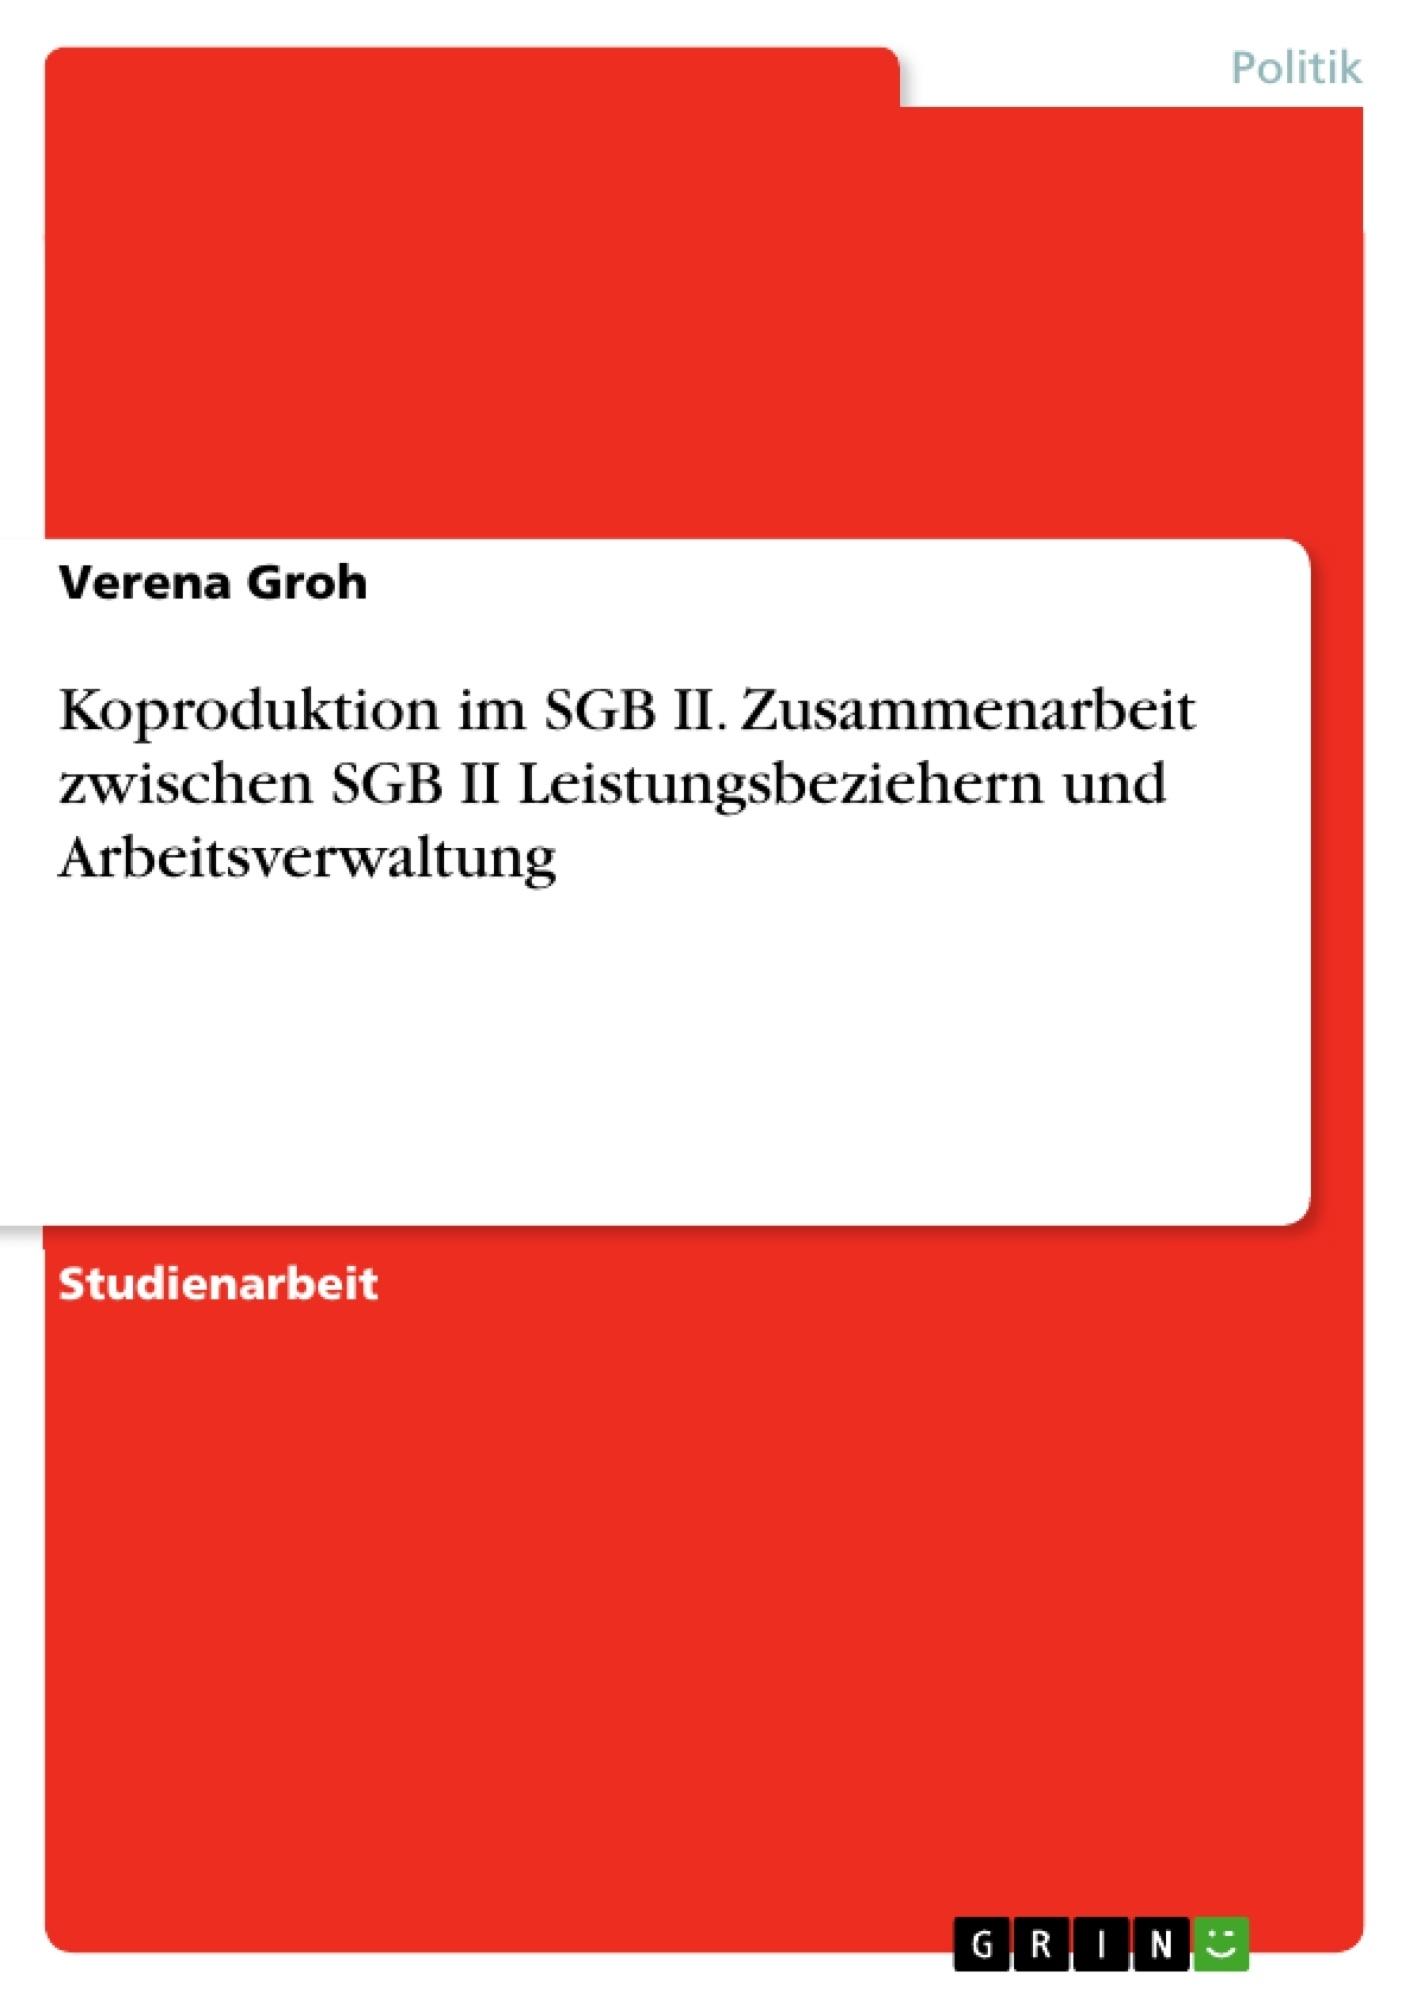 Titel: Koproduktion im SGB II. Zusammenarbeit zwischen SGB II Leistungsbeziehern und Arbeitsverwaltung